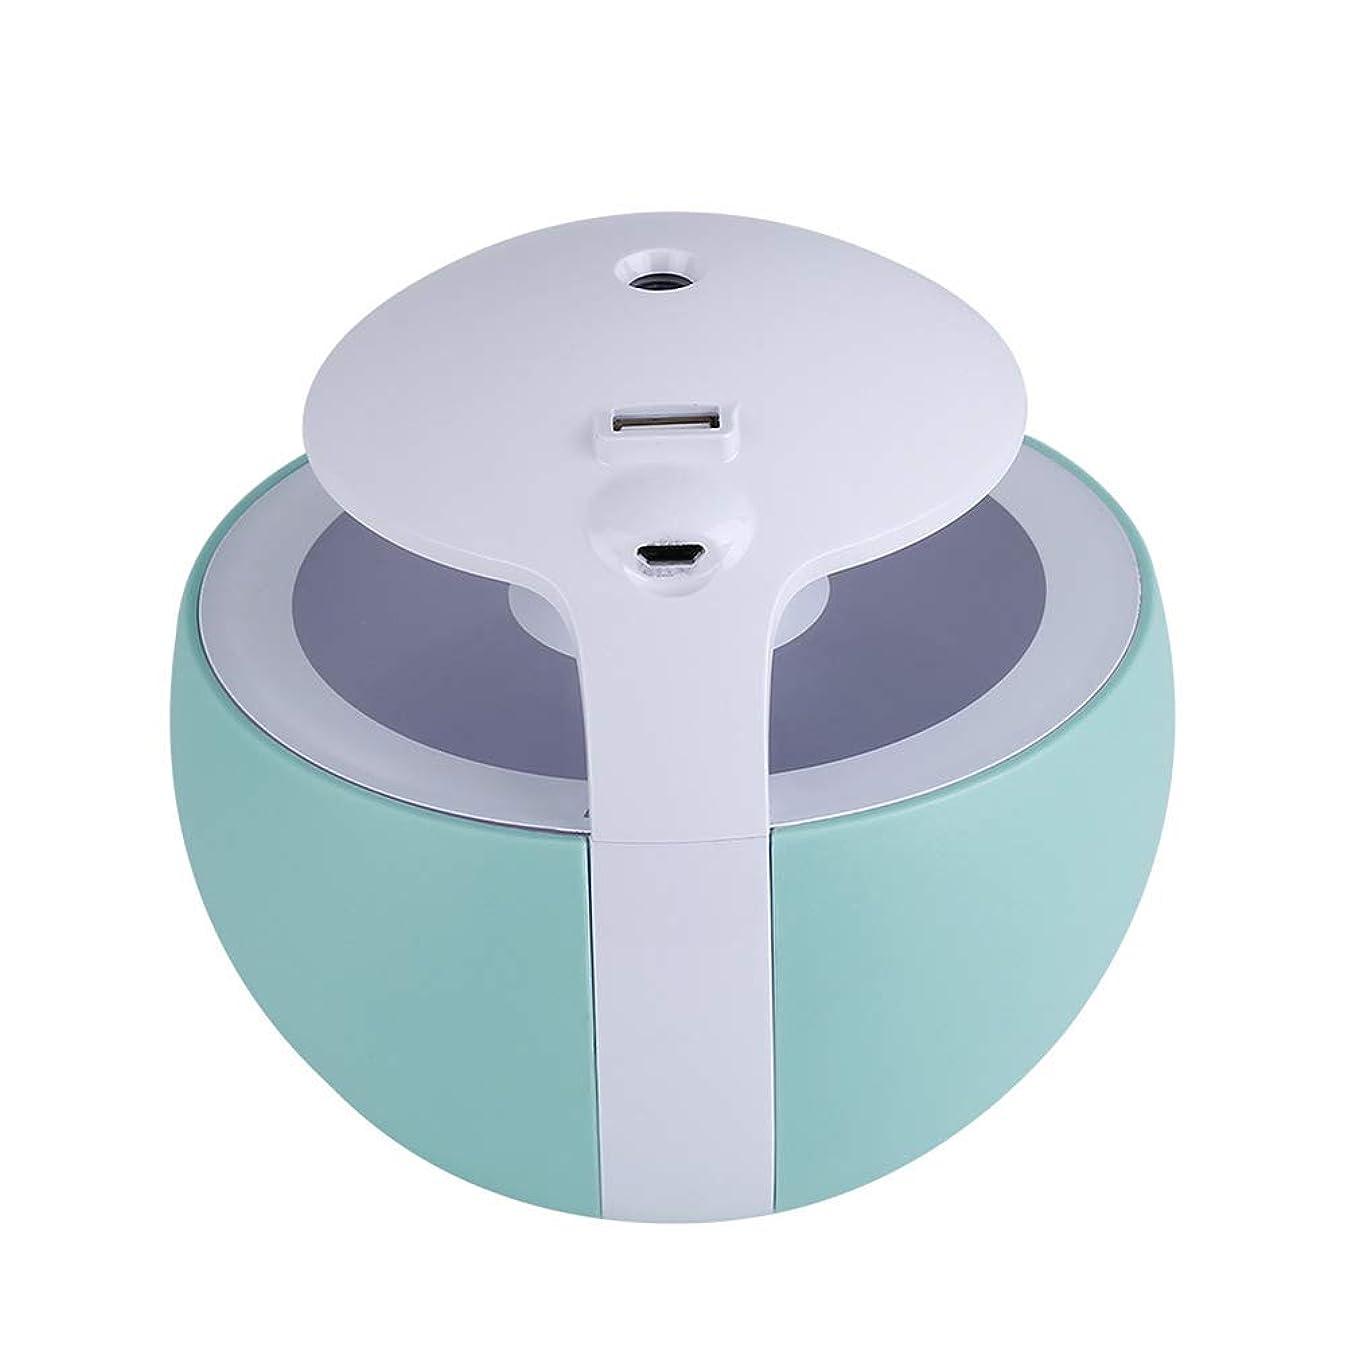 おいしいテロオーラルナイトエルフ加湿器多機能USB小型ライト小型ファンホームデスクトップエアコンルーム加湿,Blue